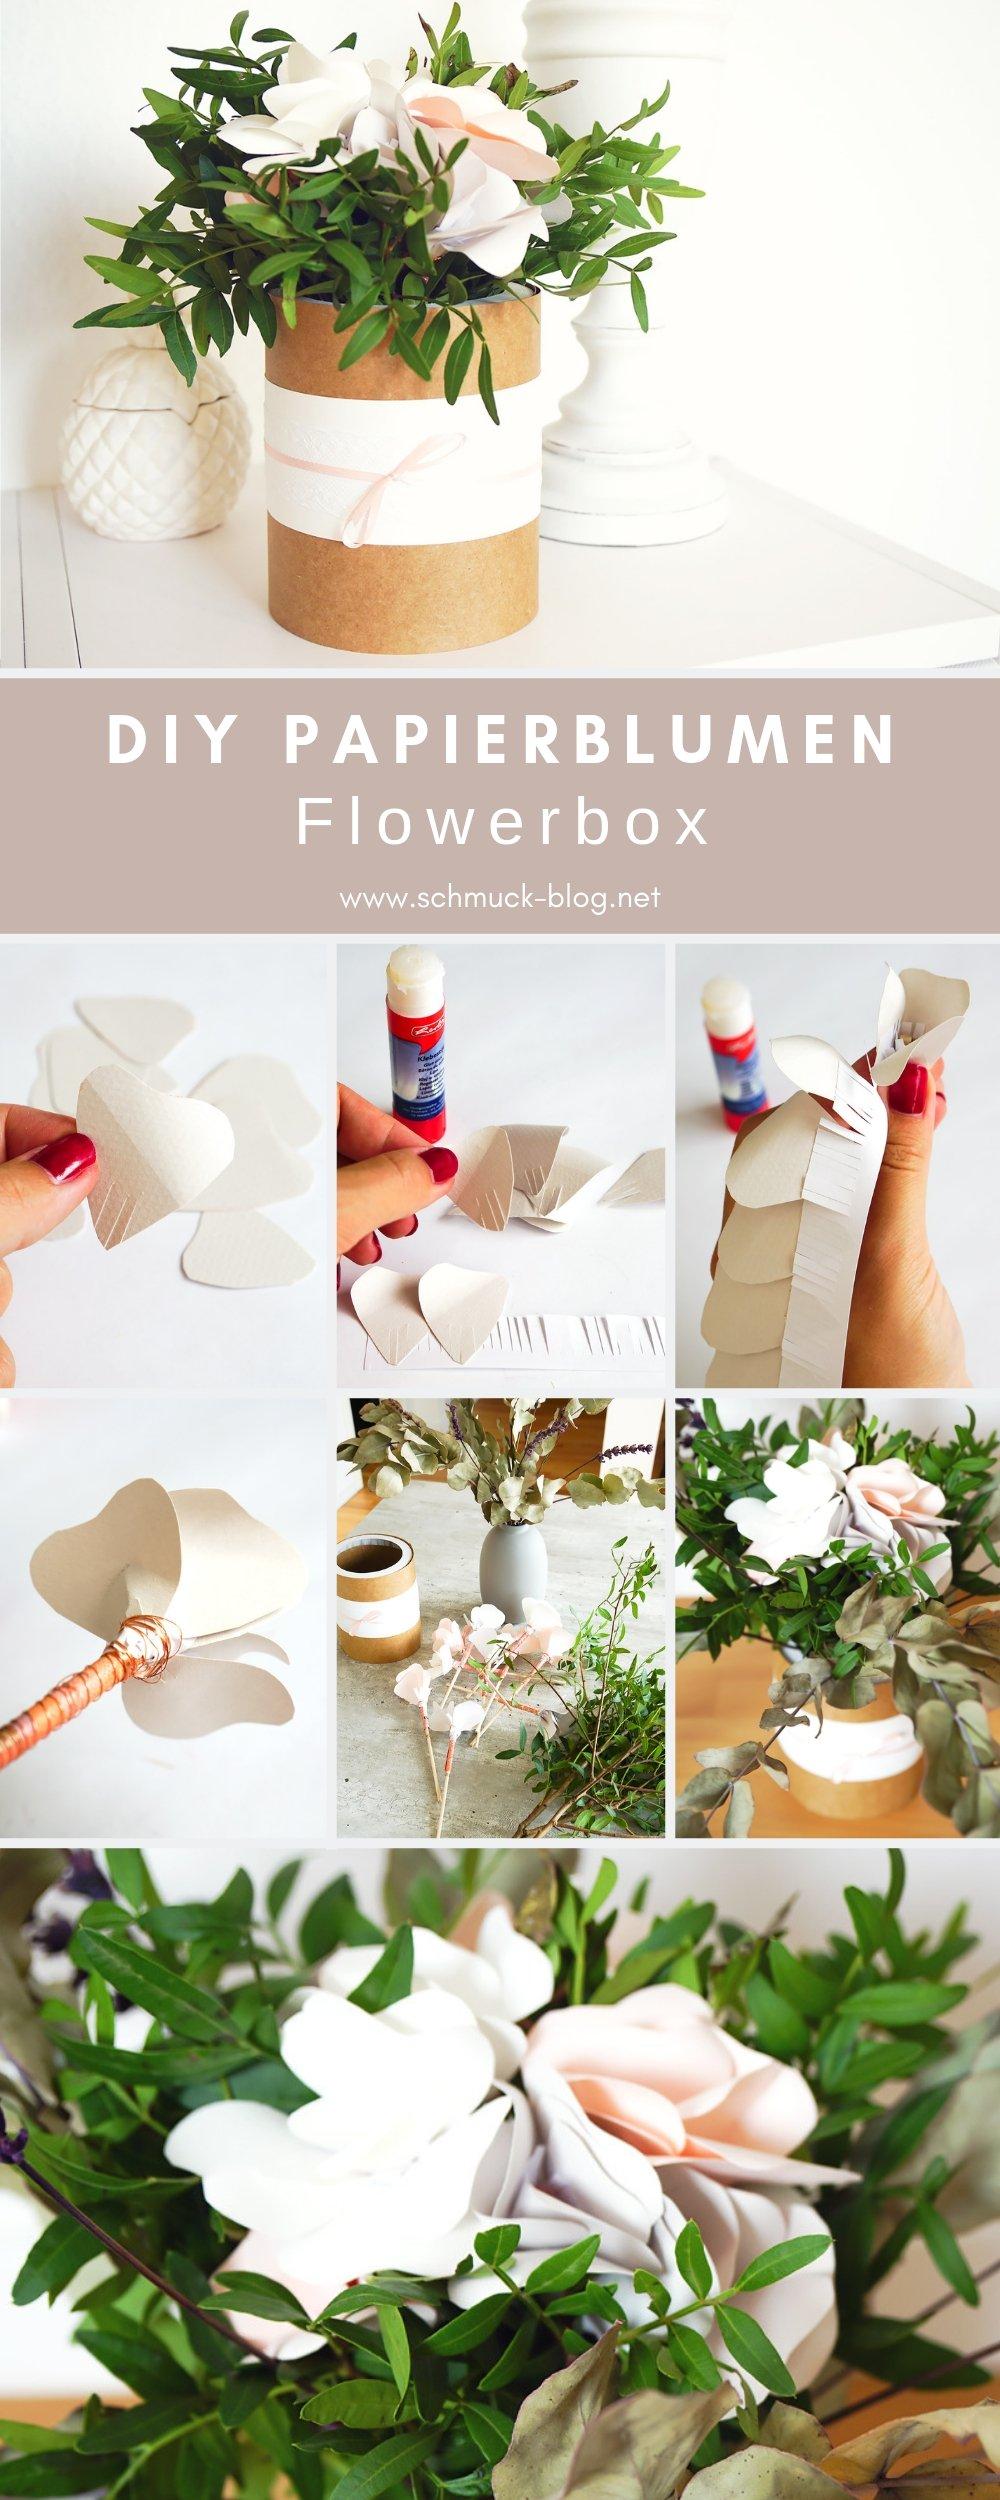 DIY Papierblumen Hochzeitsgeschenk